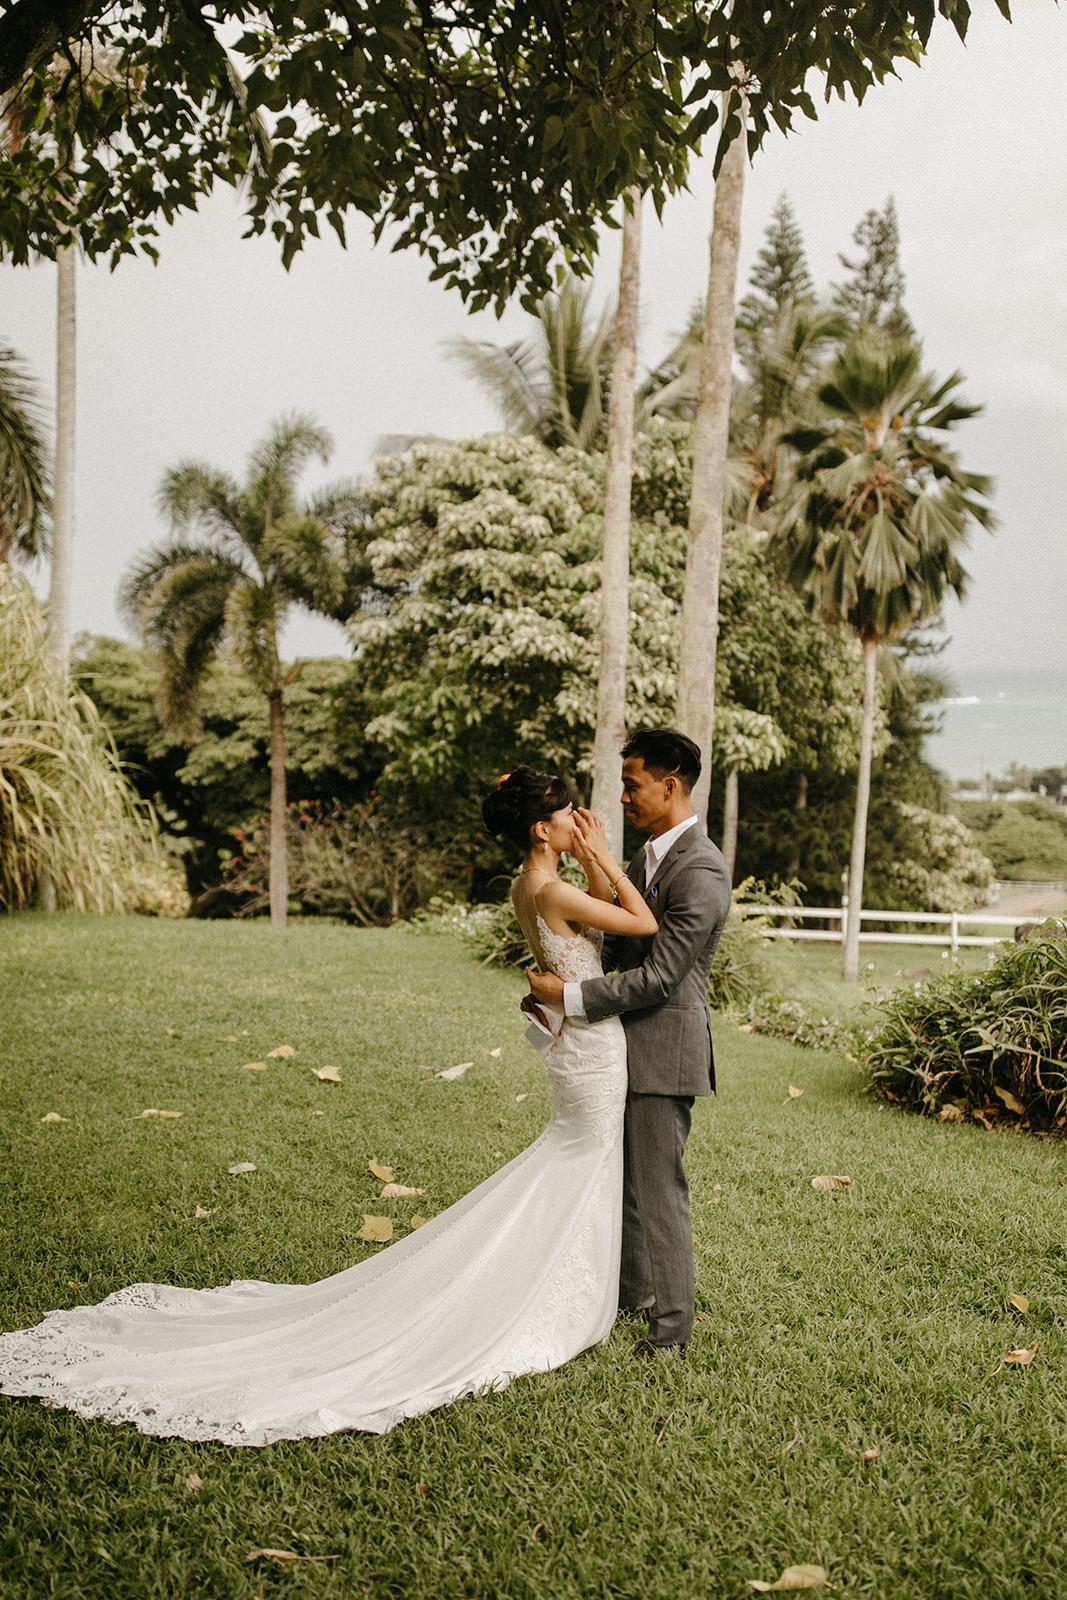 Kualoa_Hawaii_wedding_paliku_2.jpg